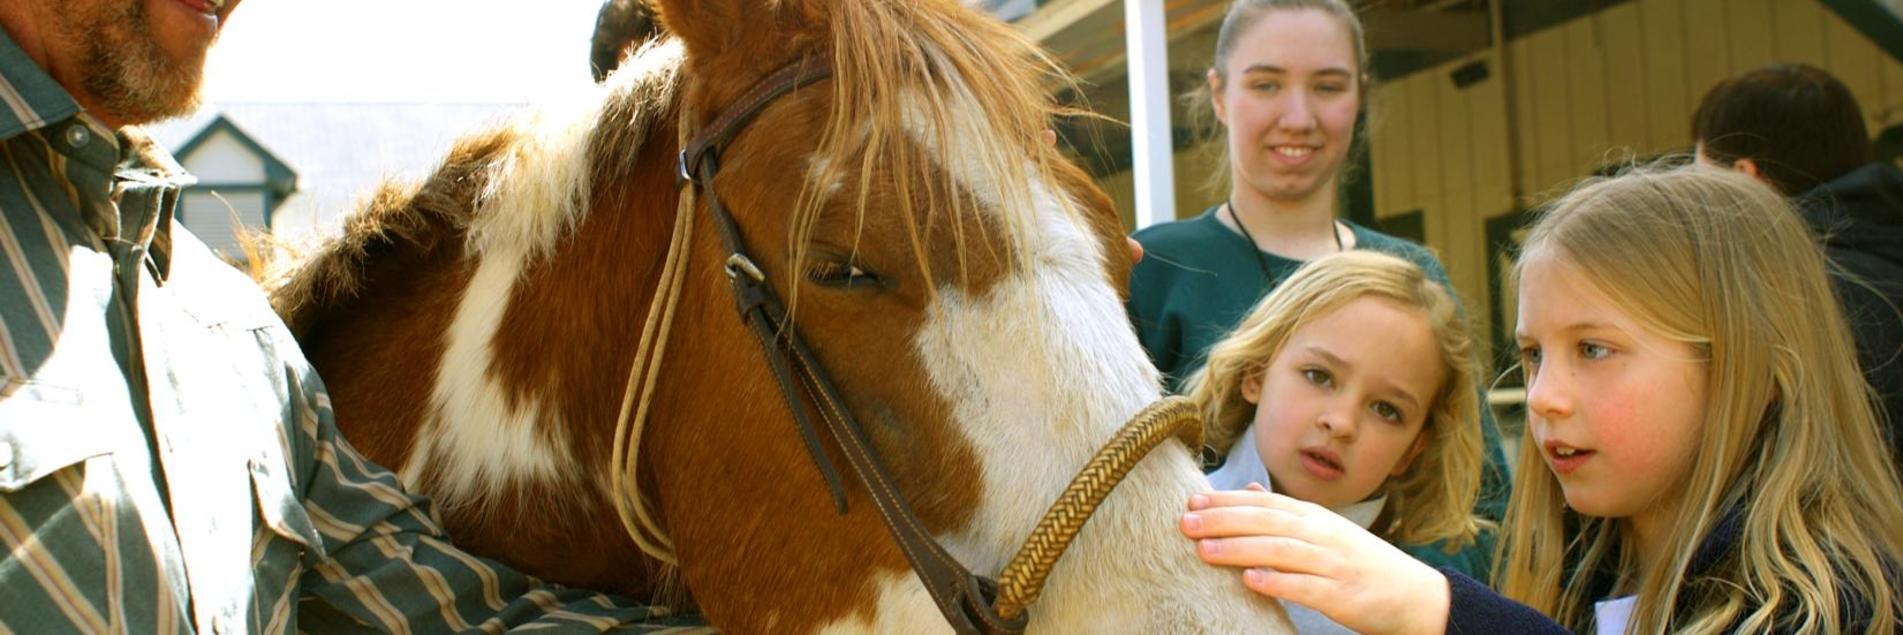 Kids Love Horses